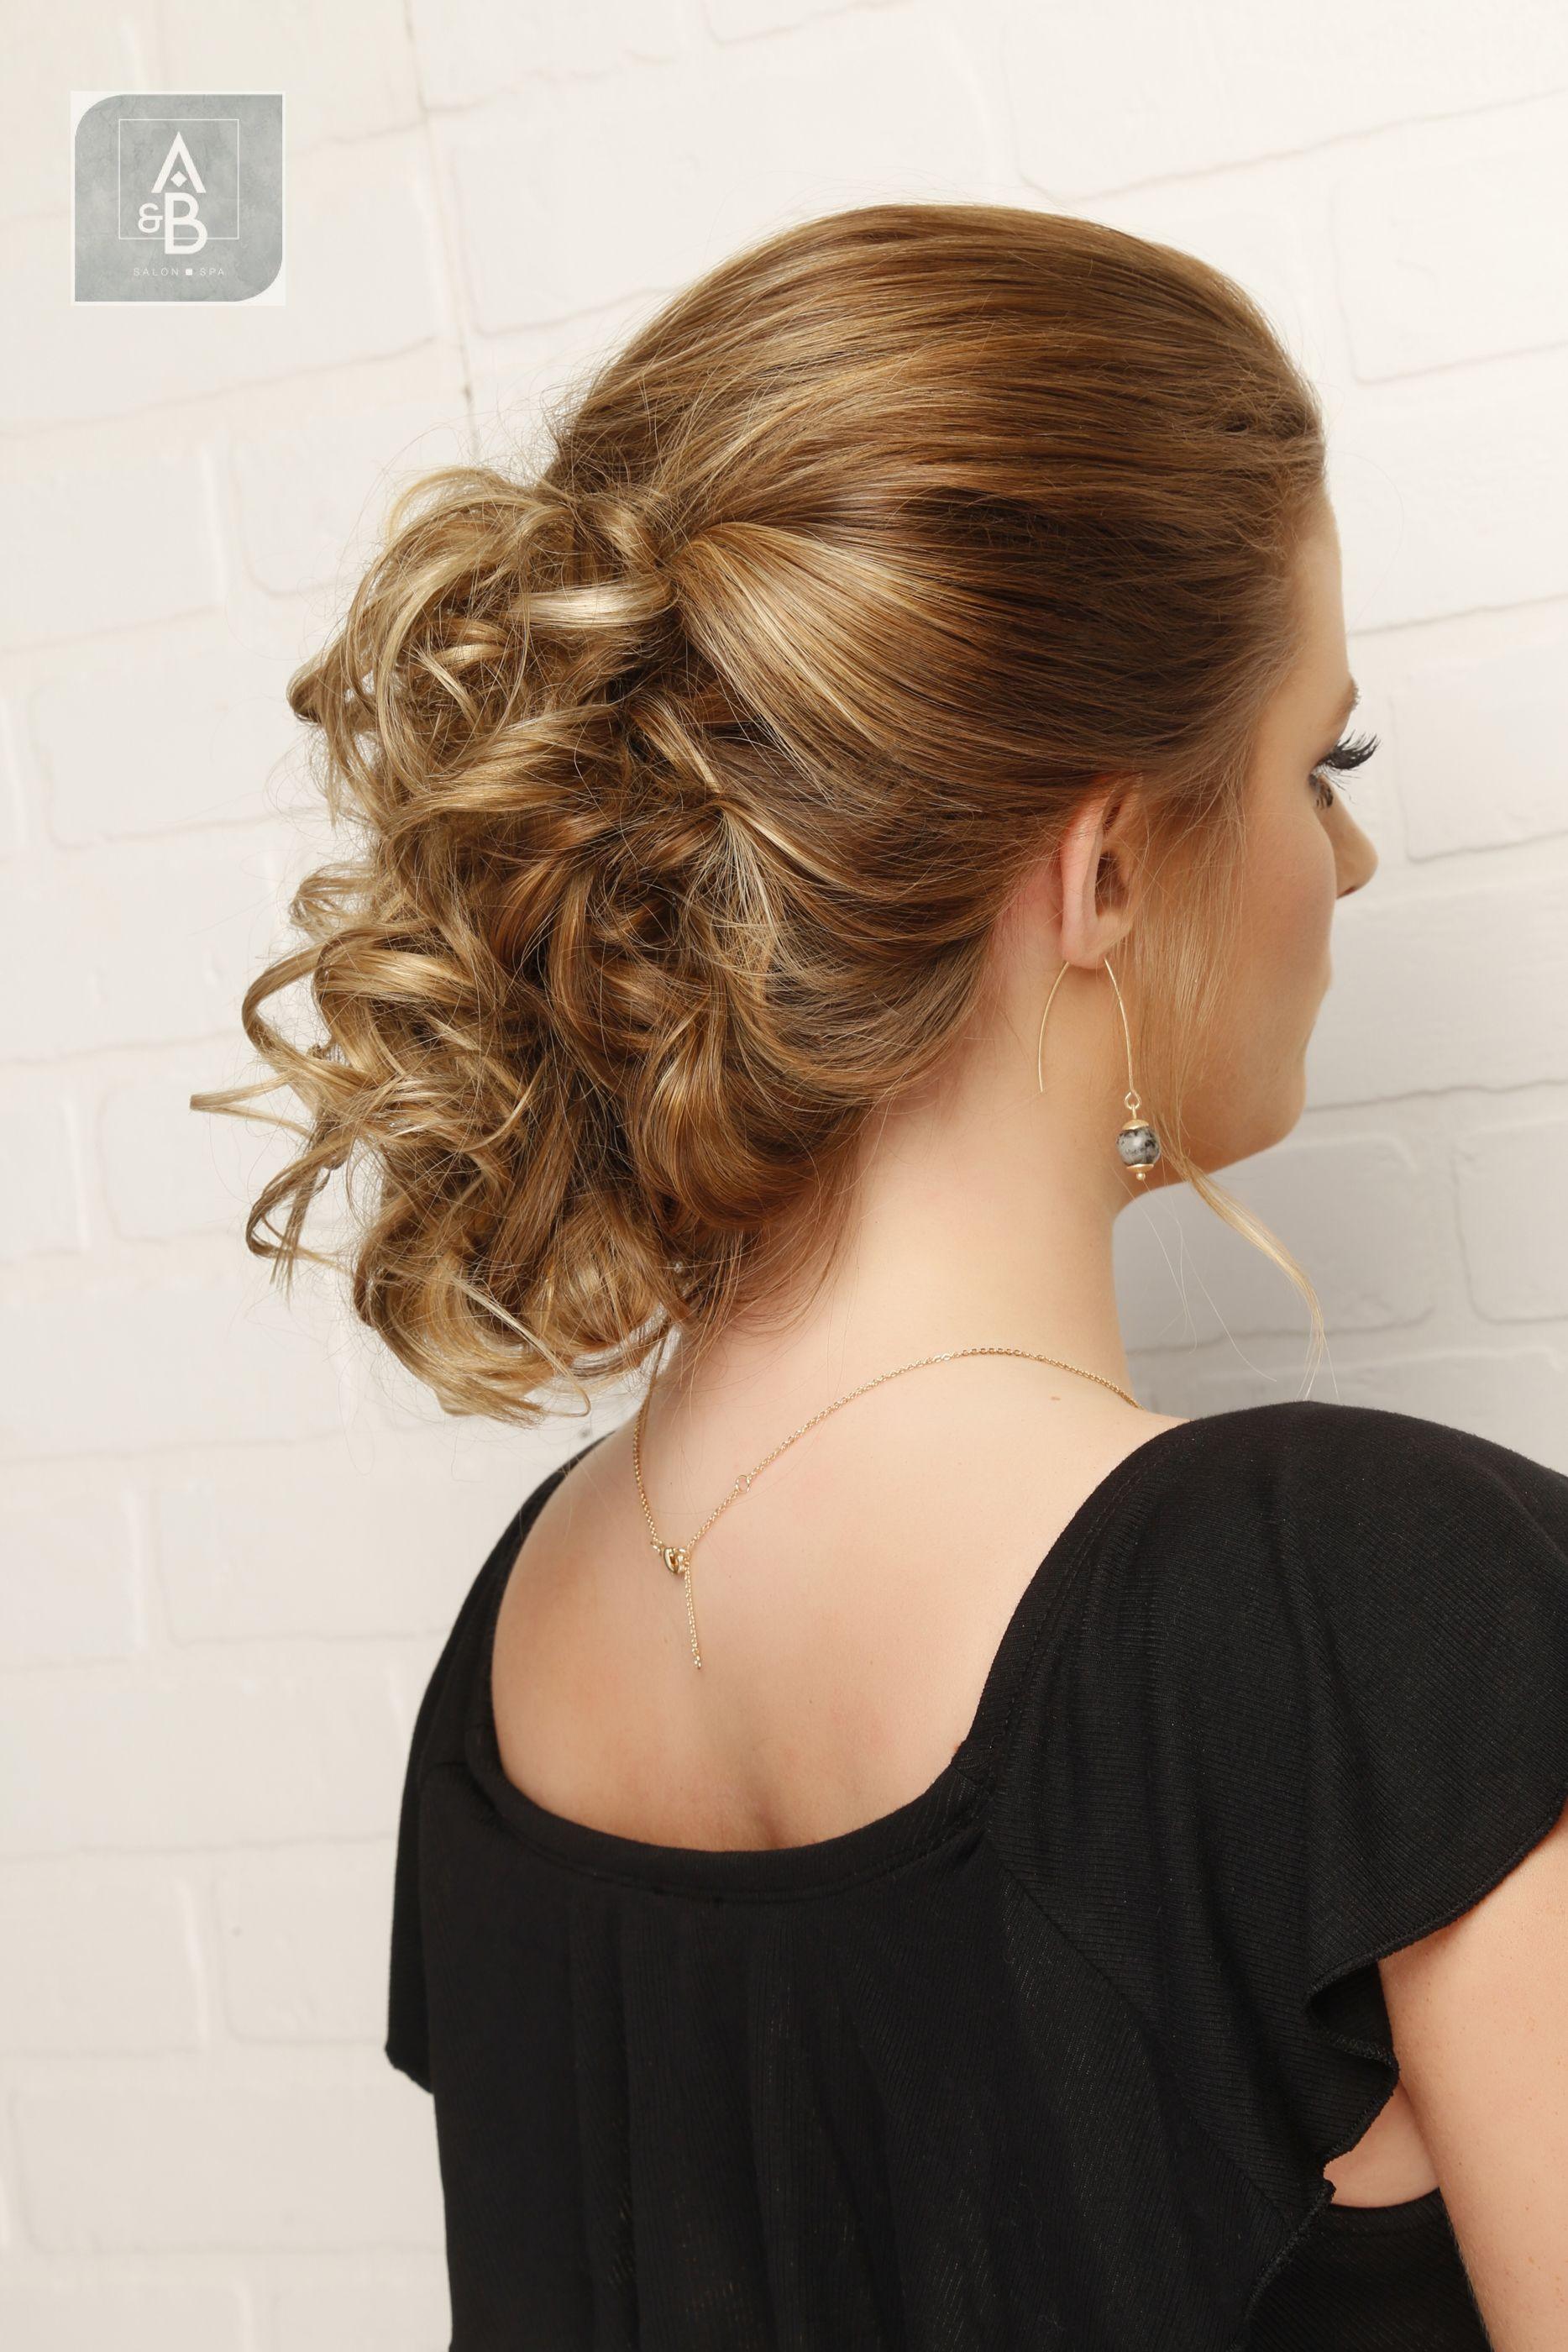 long hair, blonde hair, beautiful hair, curls, hairstyle, hair